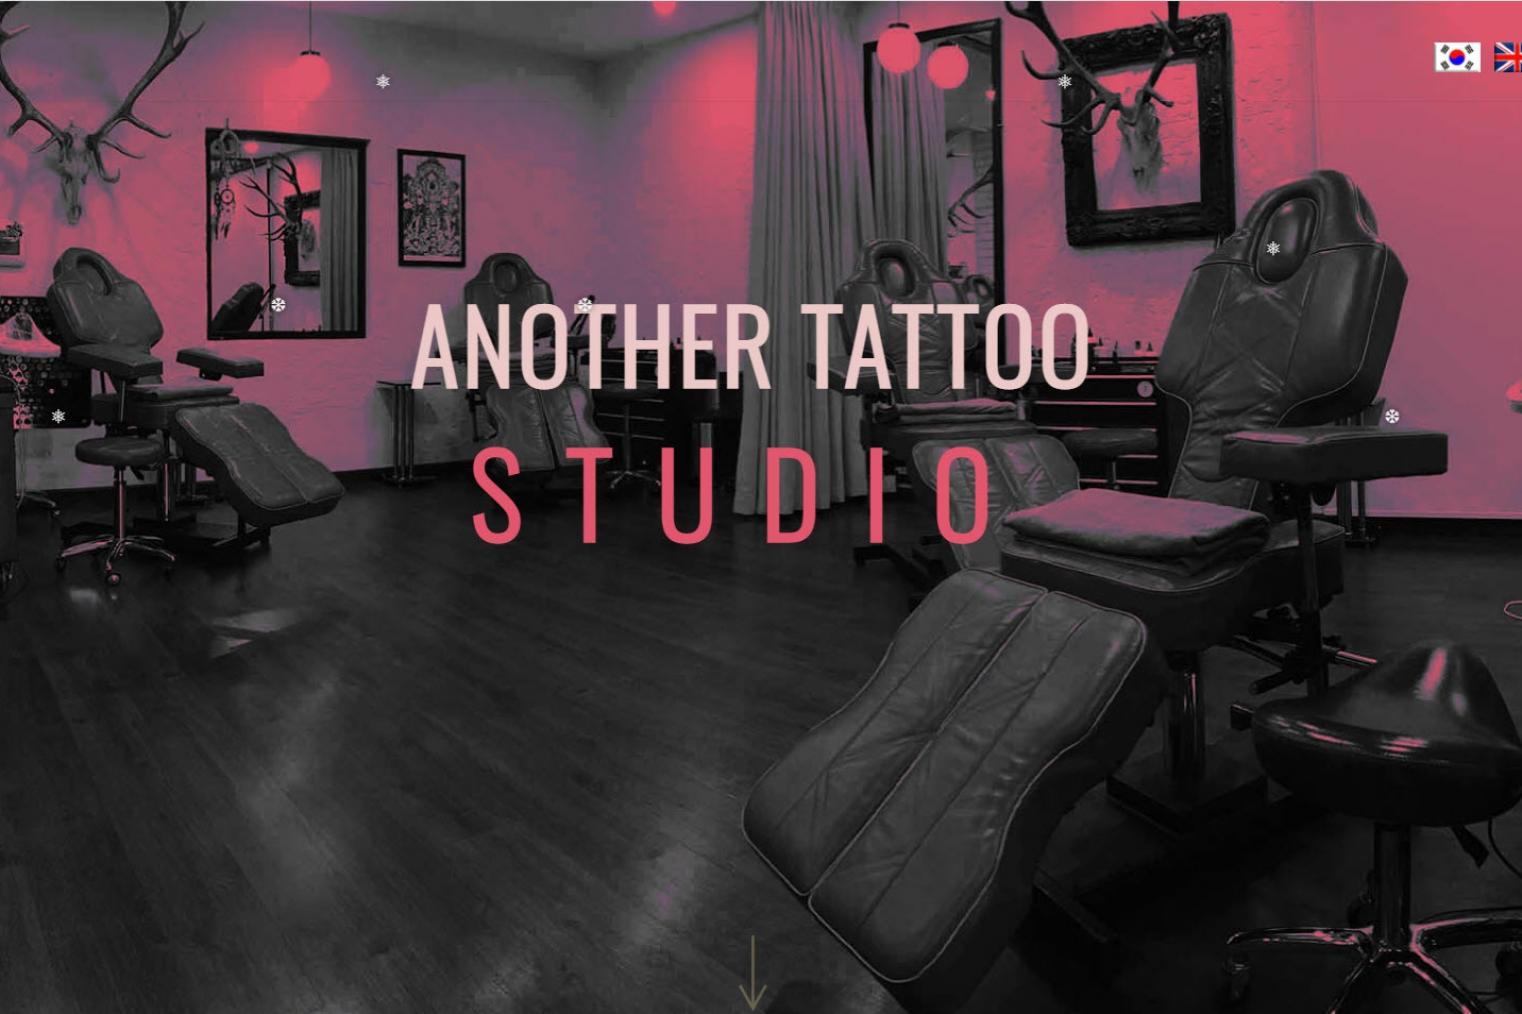 Thiết kế website cửa hàng Săm và Xỏ khuyên Studio - Anothertattoostudio.com